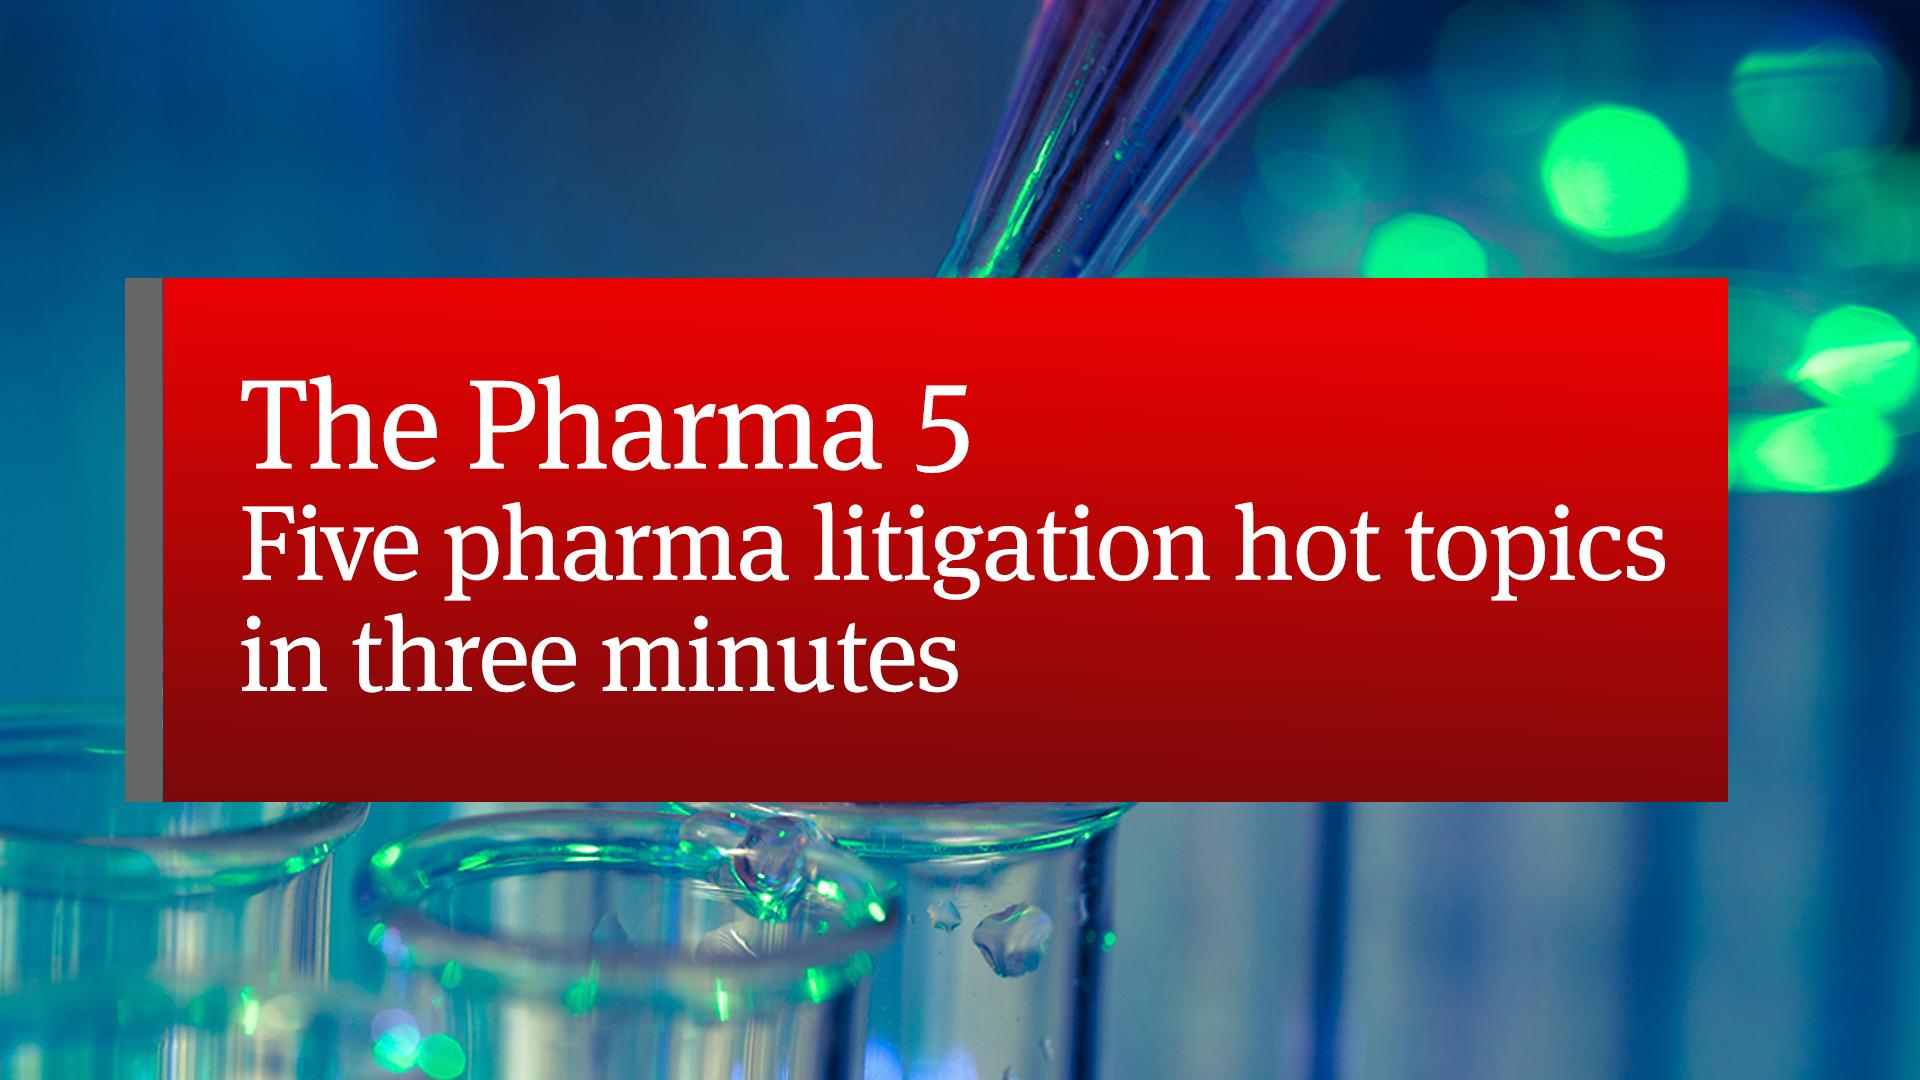 The Pharma 5